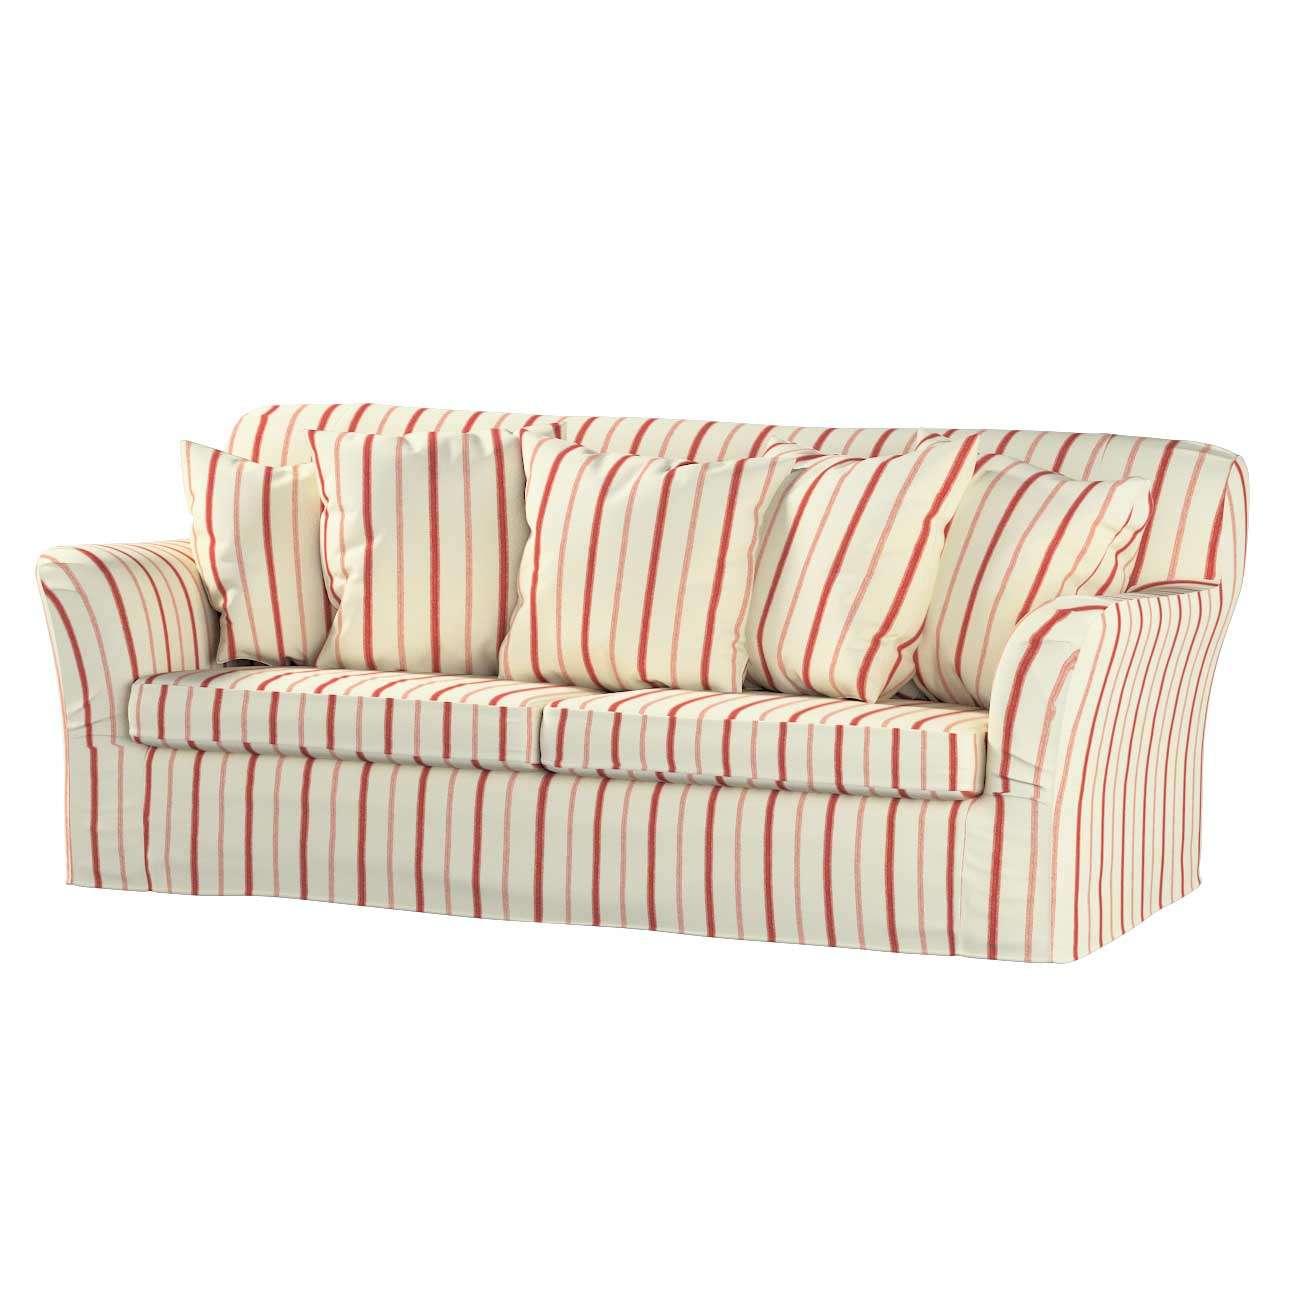 TOMELILLA trivietės sofos lovos užvalkalas TOMELILLA trivietė sofa lova kolekcijoje Avinon, audinys: 129-15